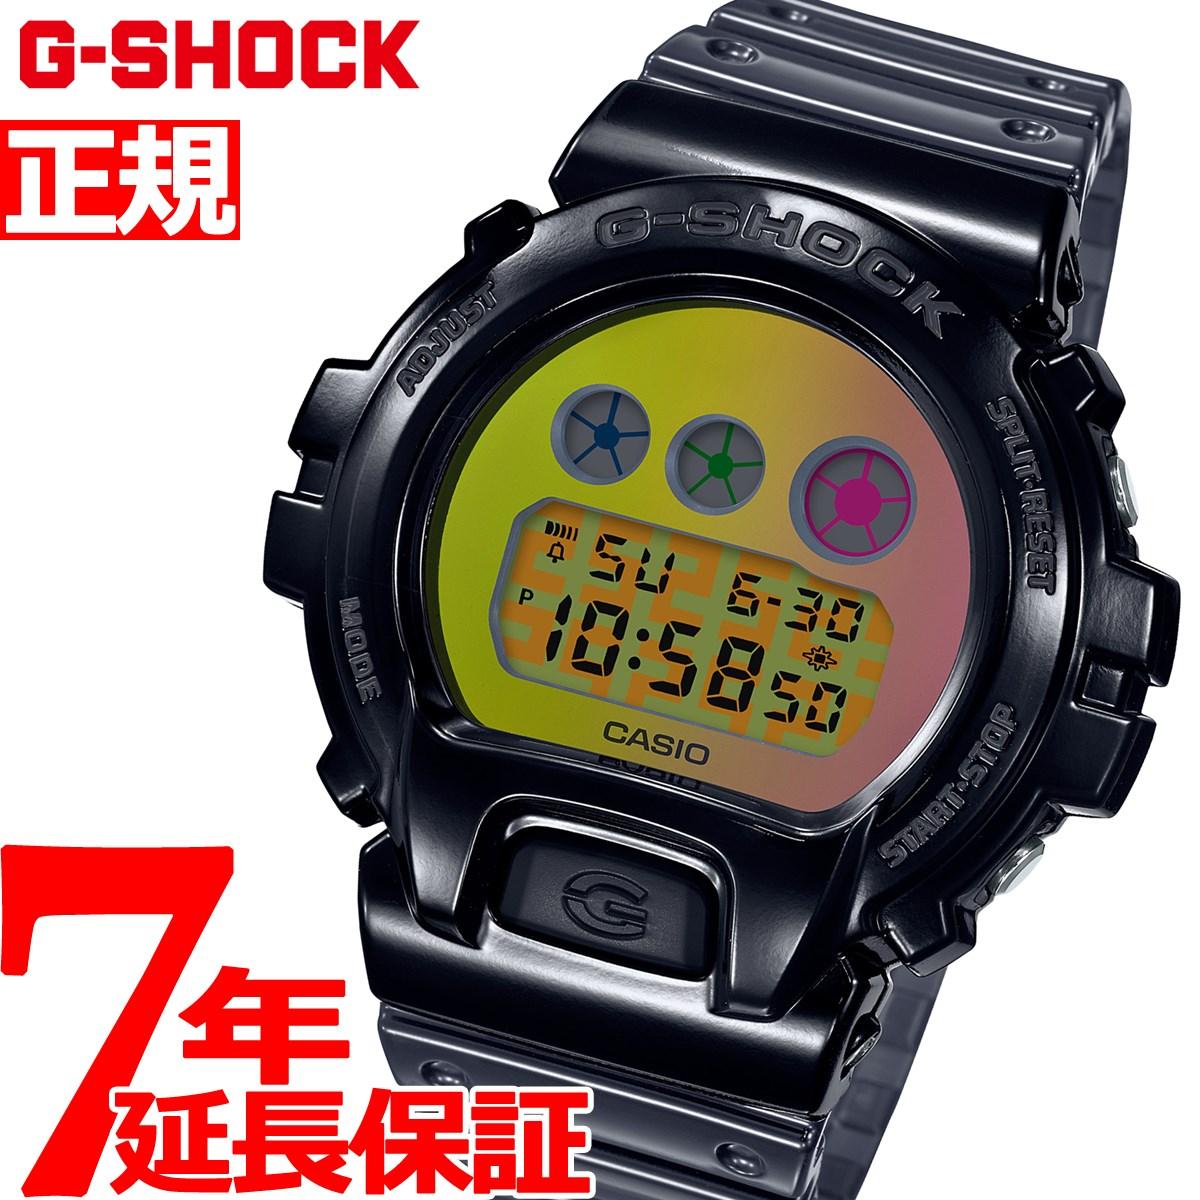 【5日0時~♪2000円OFFクーポン&店内ポイント最大51倍!5日23時59分まで】G-SHOCK カシオ Gショック CASIO 限定モデル 腕時計 メンズ DW-6900 25th Anniversary DW-6900SP-1JR【2020 新作】